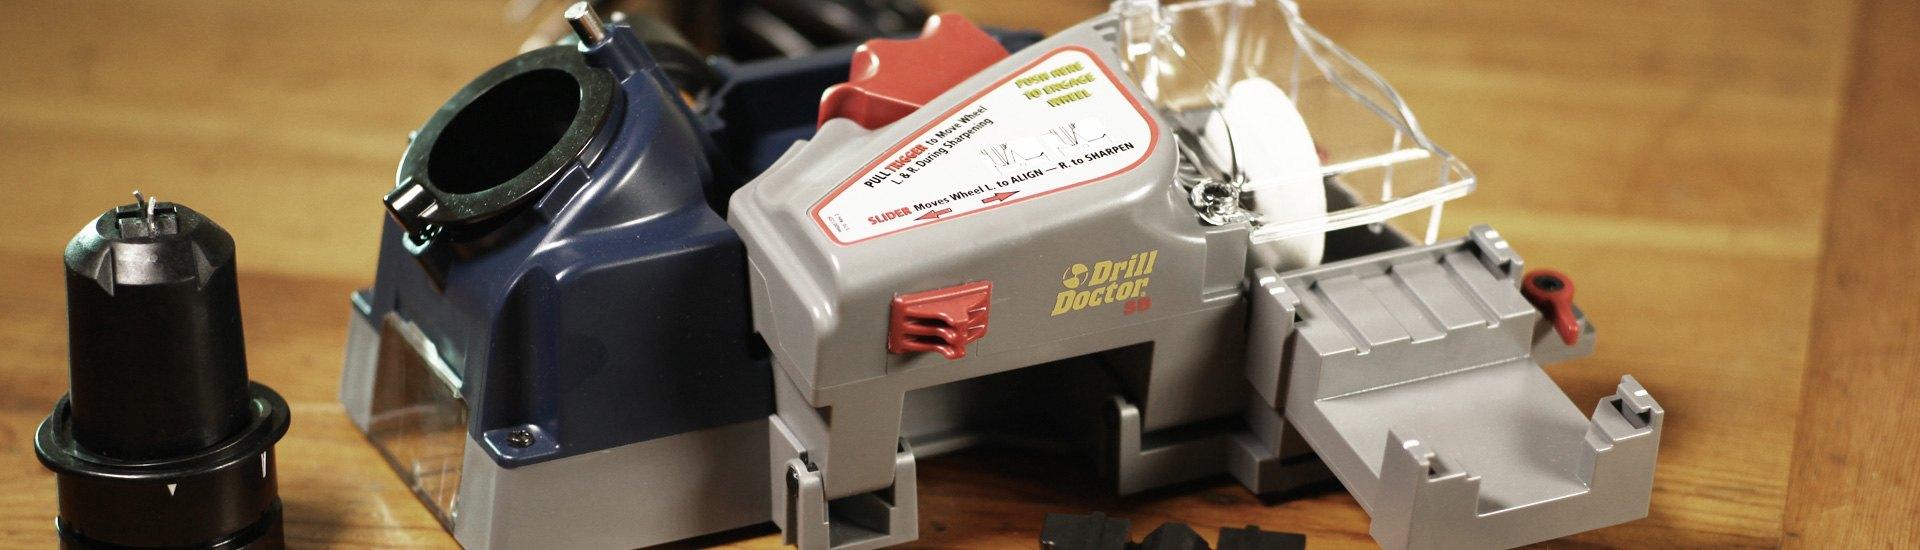 Drill Doctor WSSA0002705 Six 6000 Grit Belt Kit for Work Sharp WSKTS